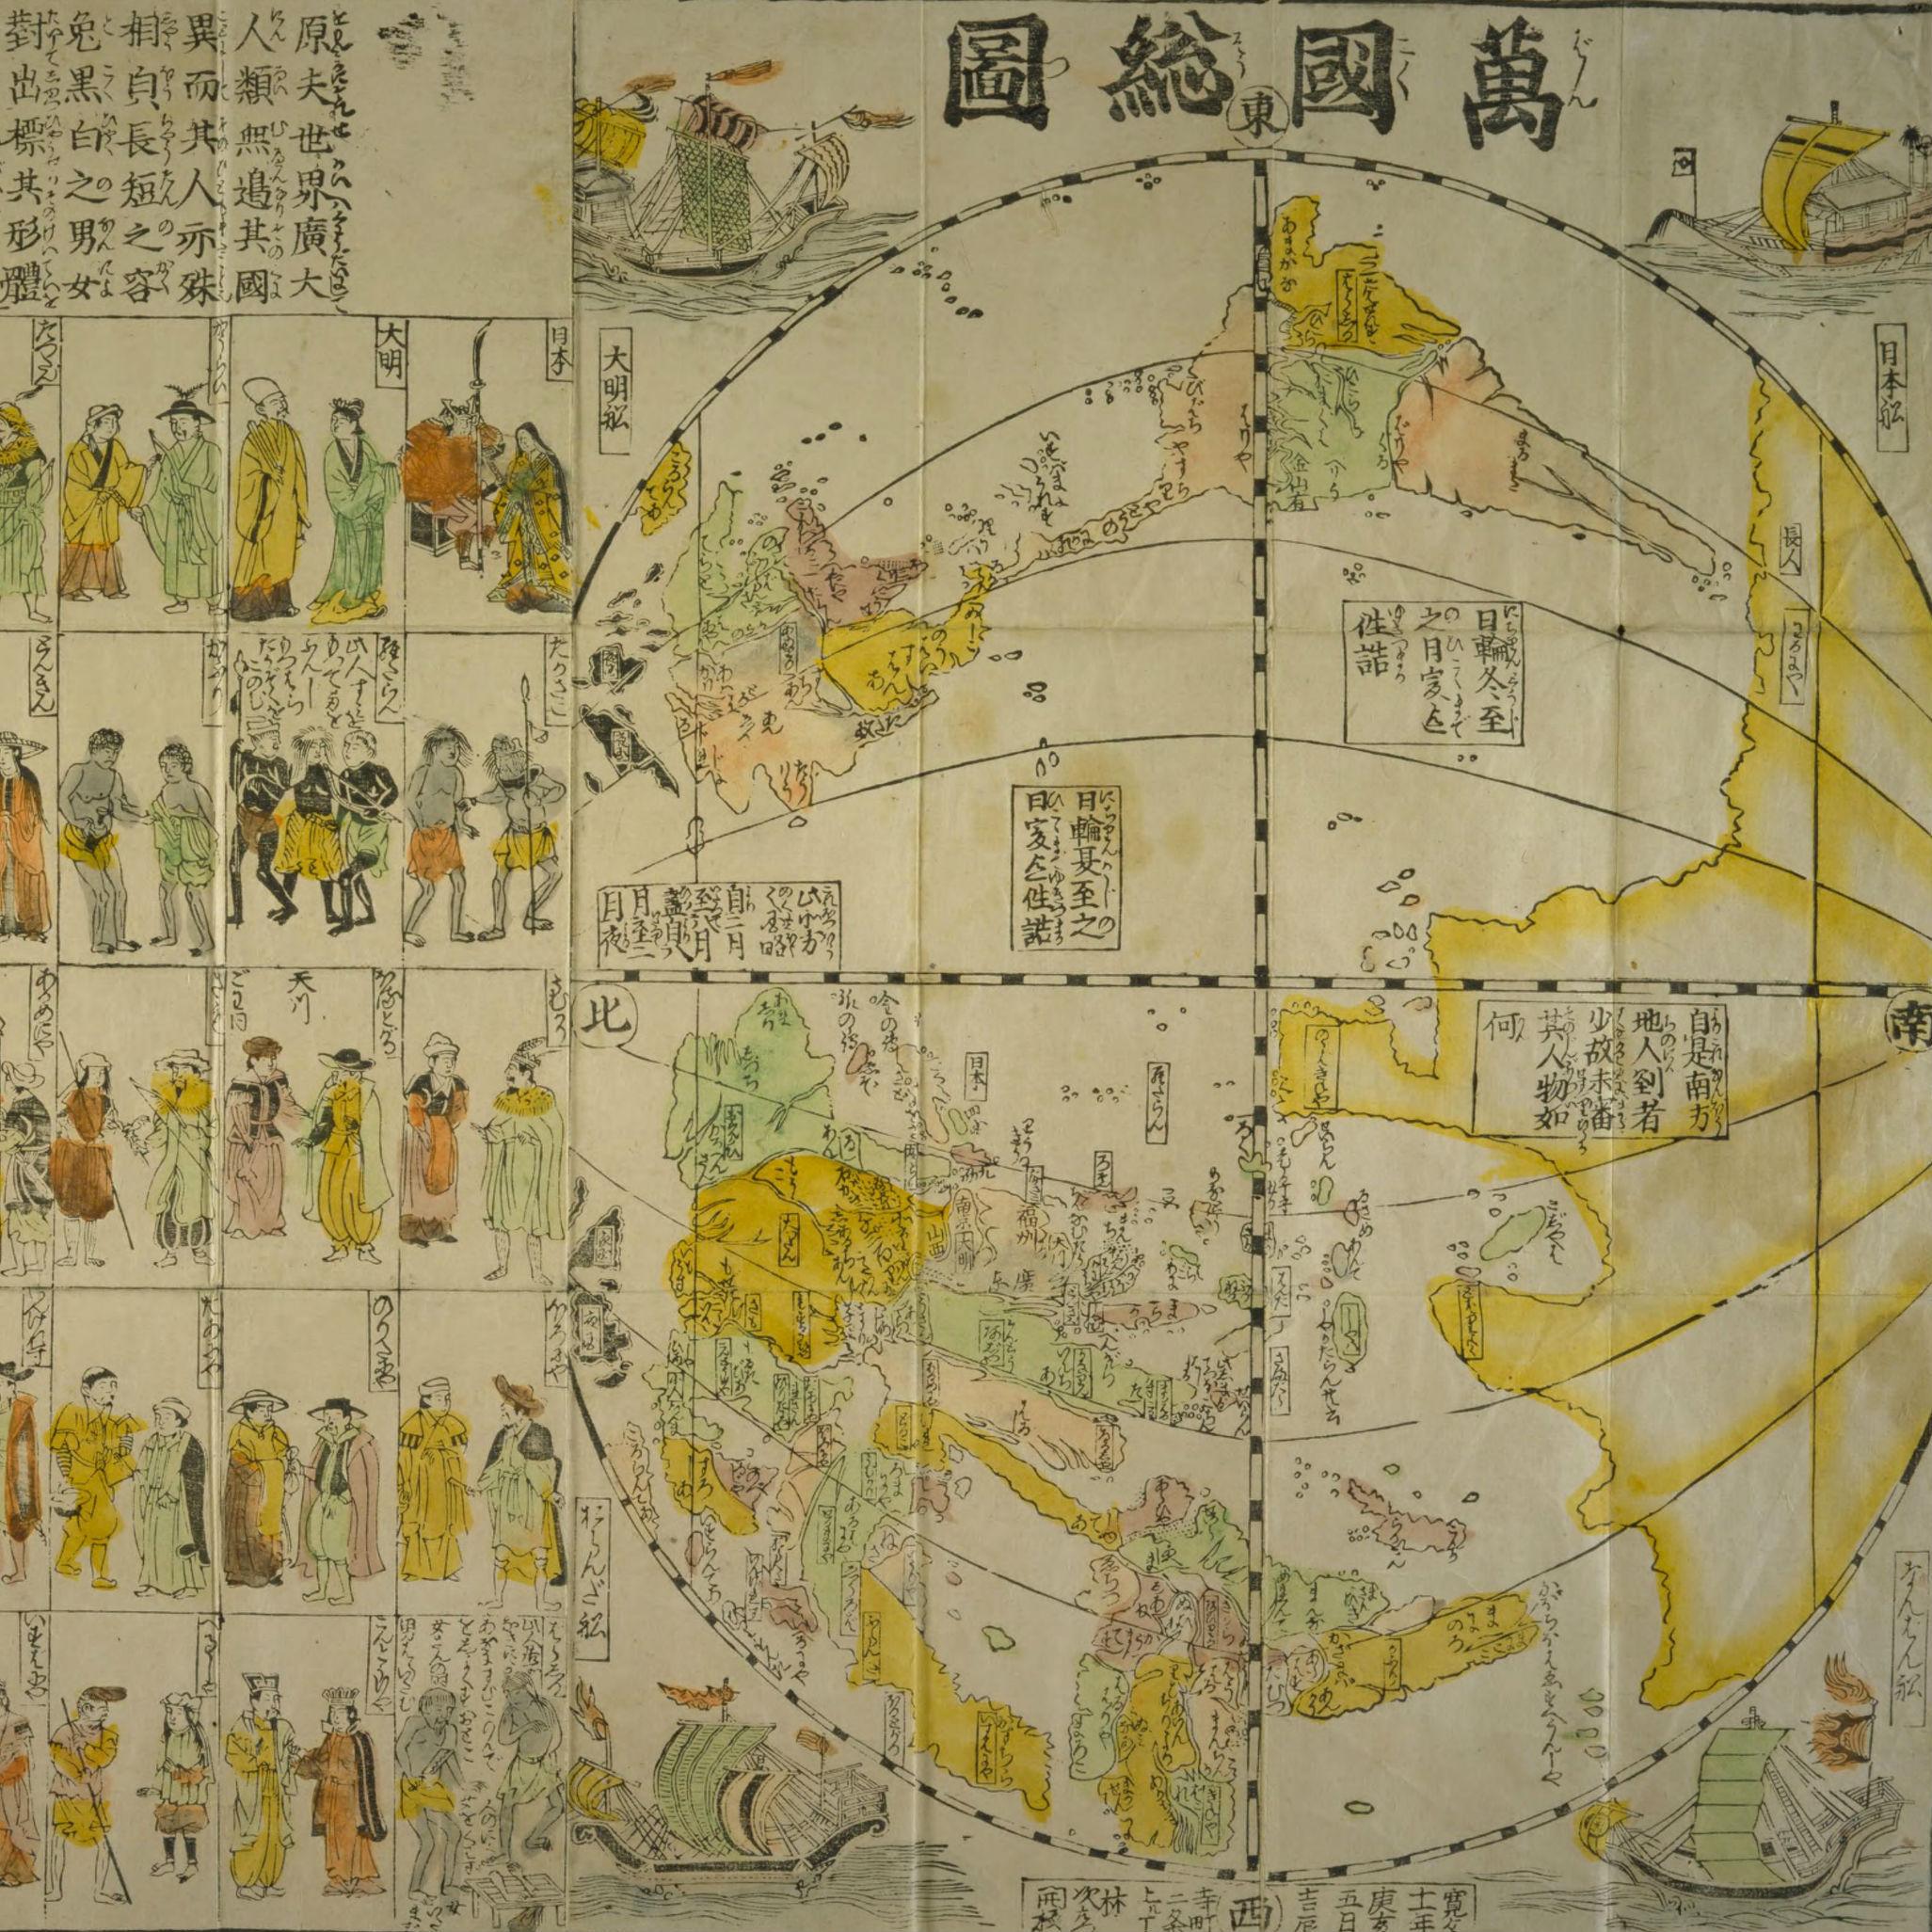 東アジアで完結していた古代・中世の日本人にとっての世界